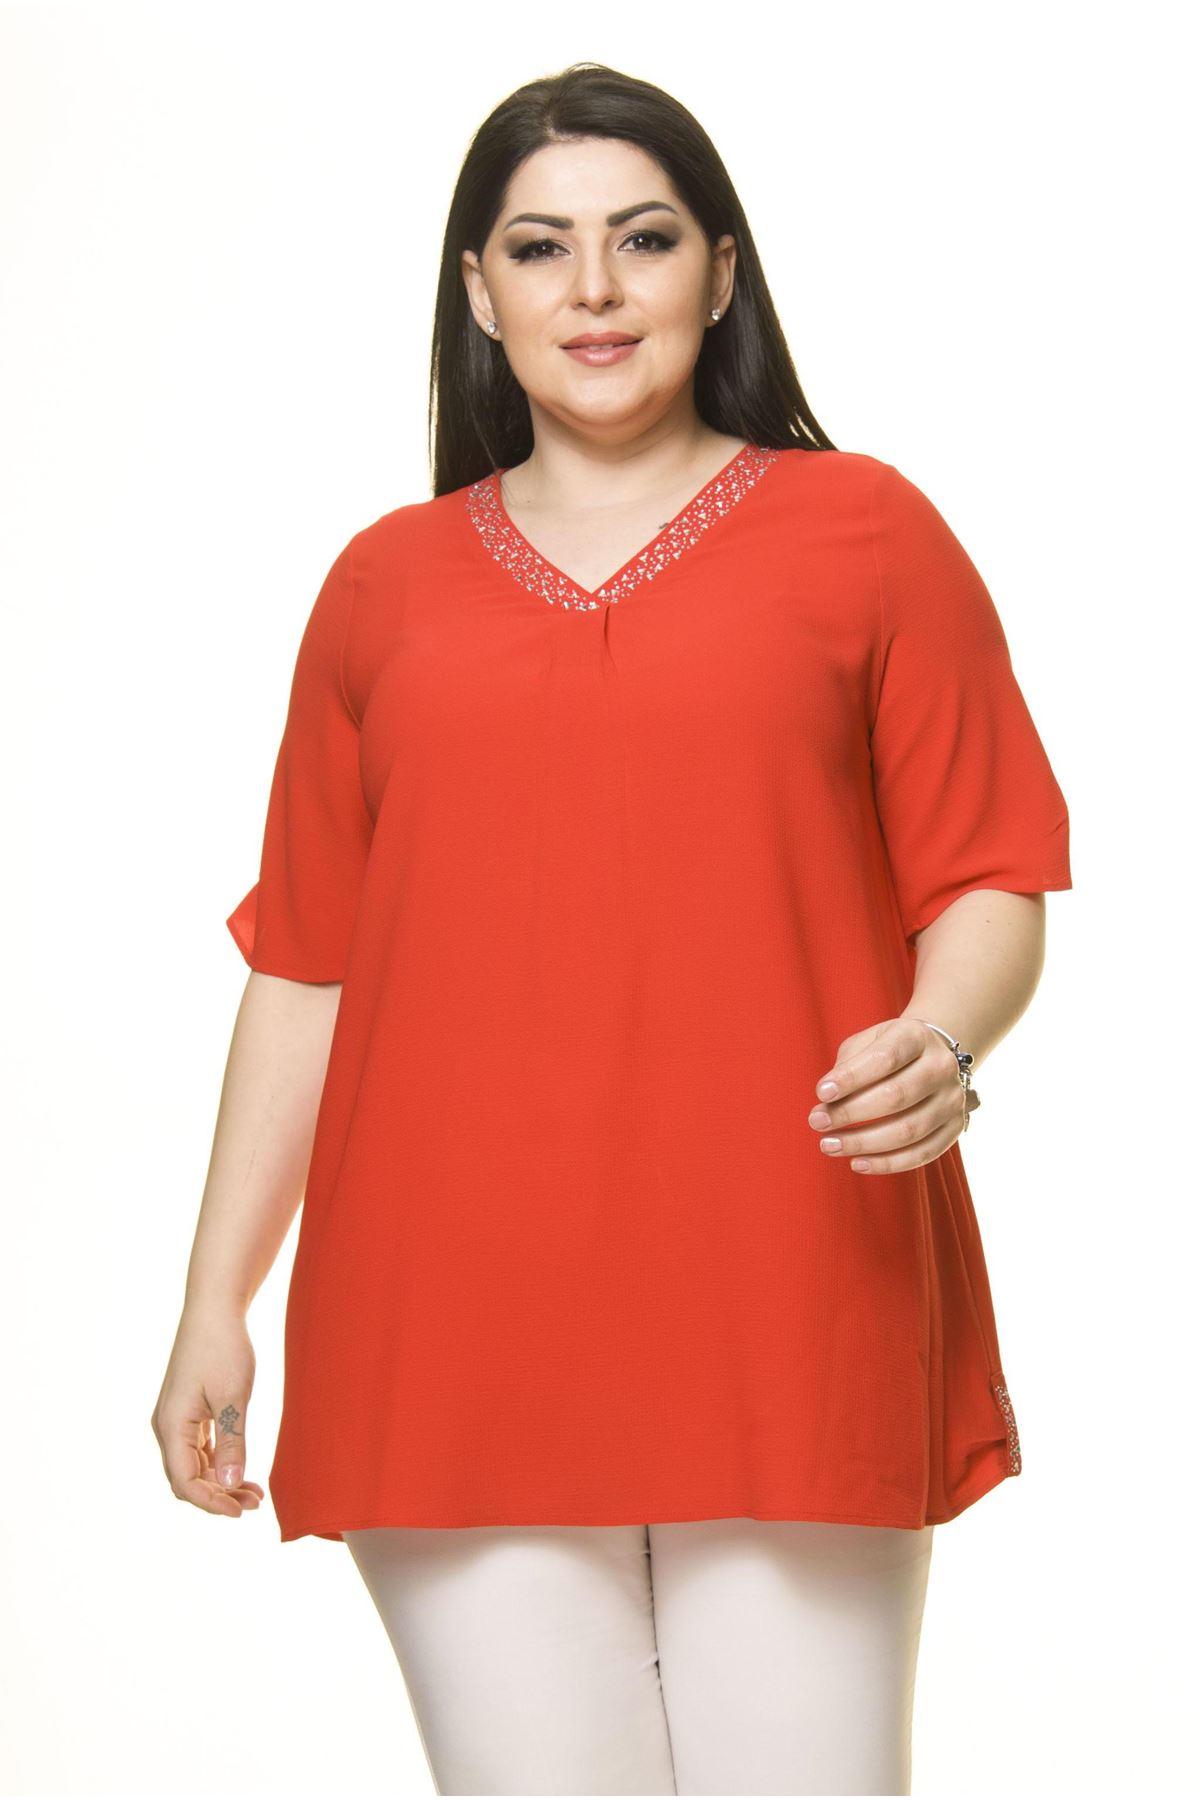 Kadın Büyük Beden Kırmızı Şifon Bluz  A6-3016-1